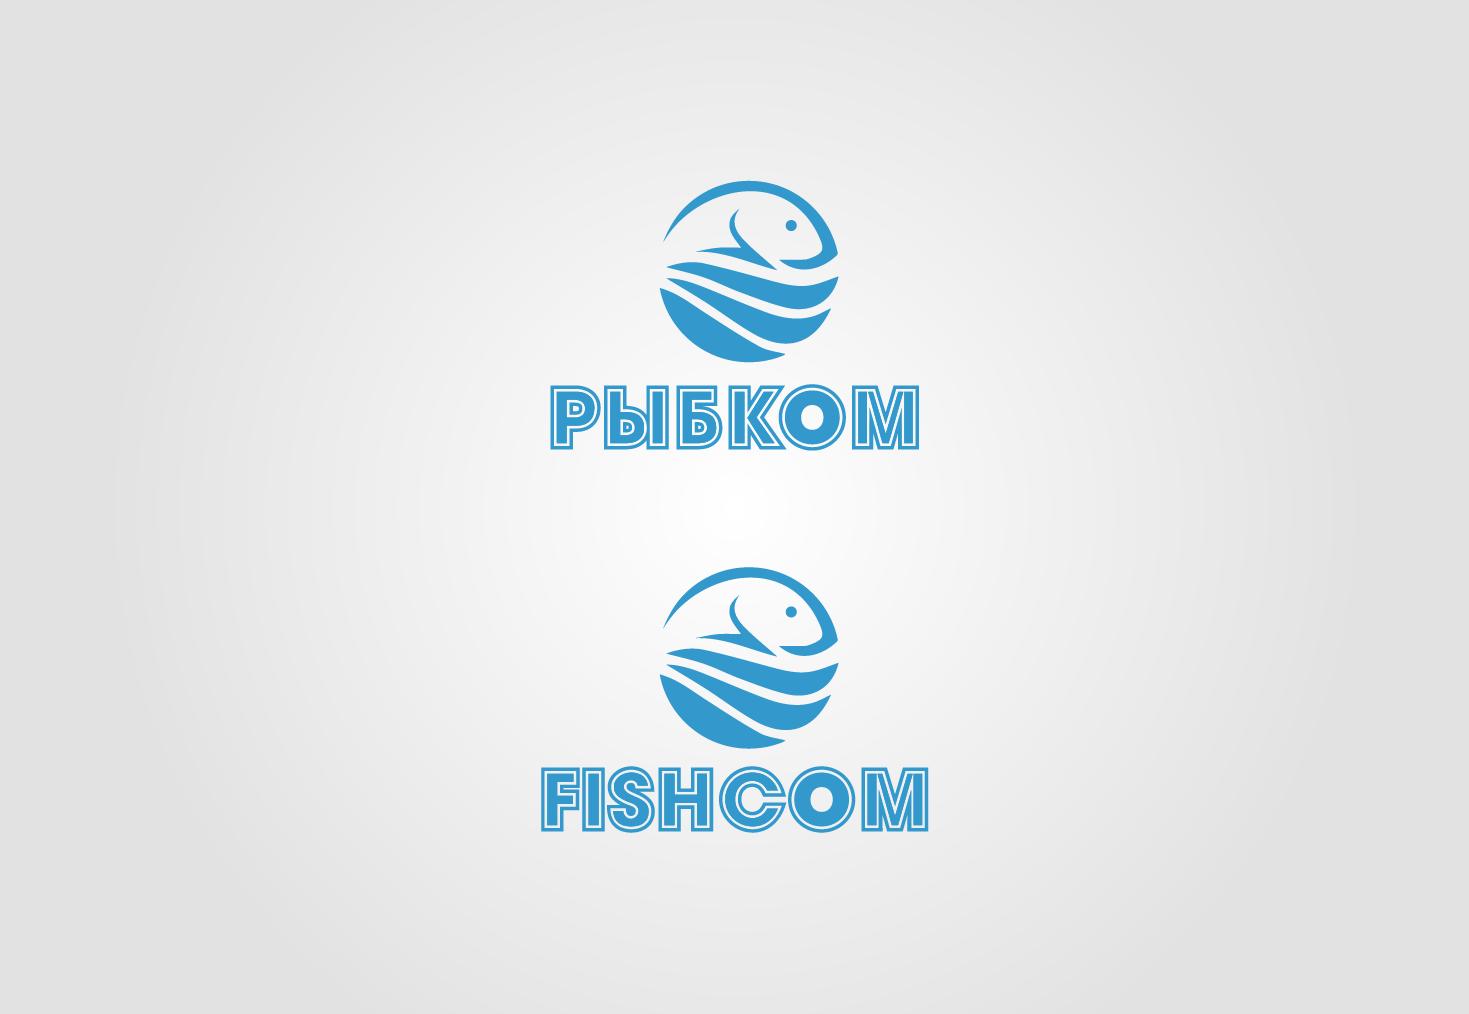 Создание логотипа и брэндбука для компании РЫБКОМ фото f_5335c0a1837e1170.png